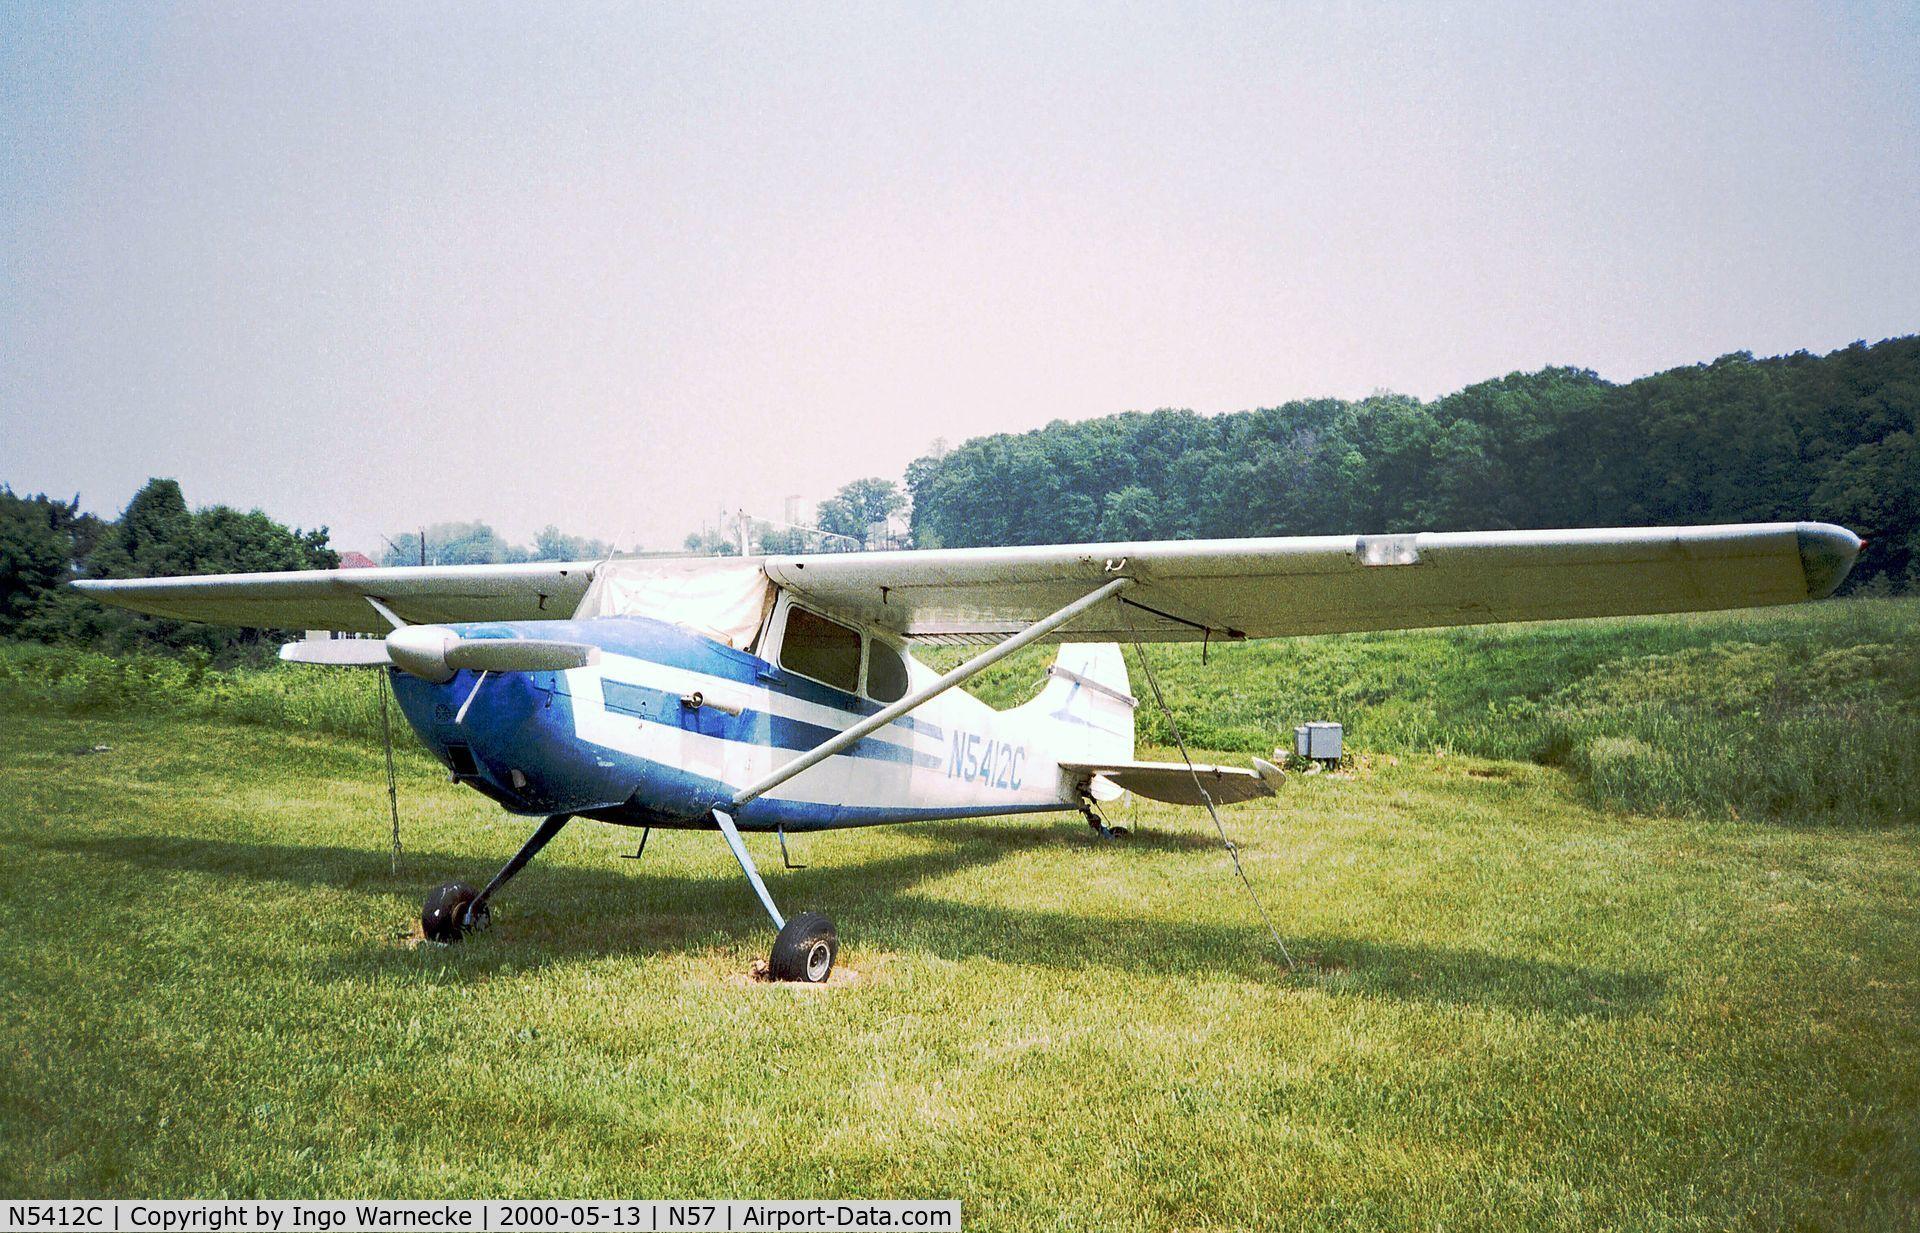 Aircraft N5412C (1950 Cessna 170A C/N 19446) Photo by Ingo Warnecke ...